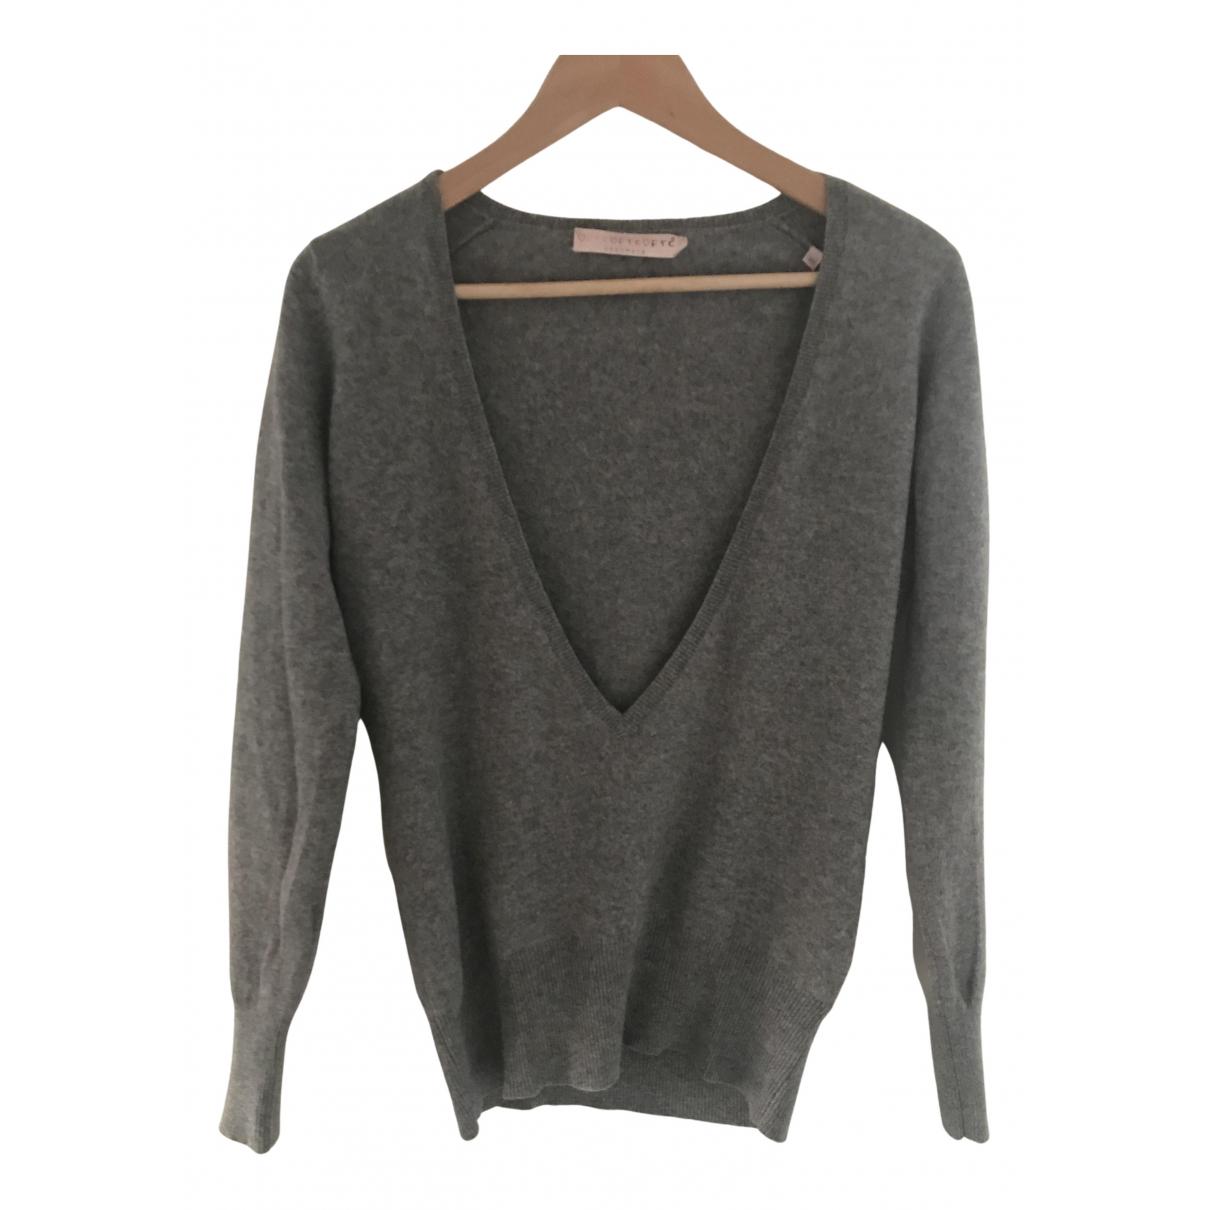 Ftc Cashmere - Pull   pour femme en cachemire - gris